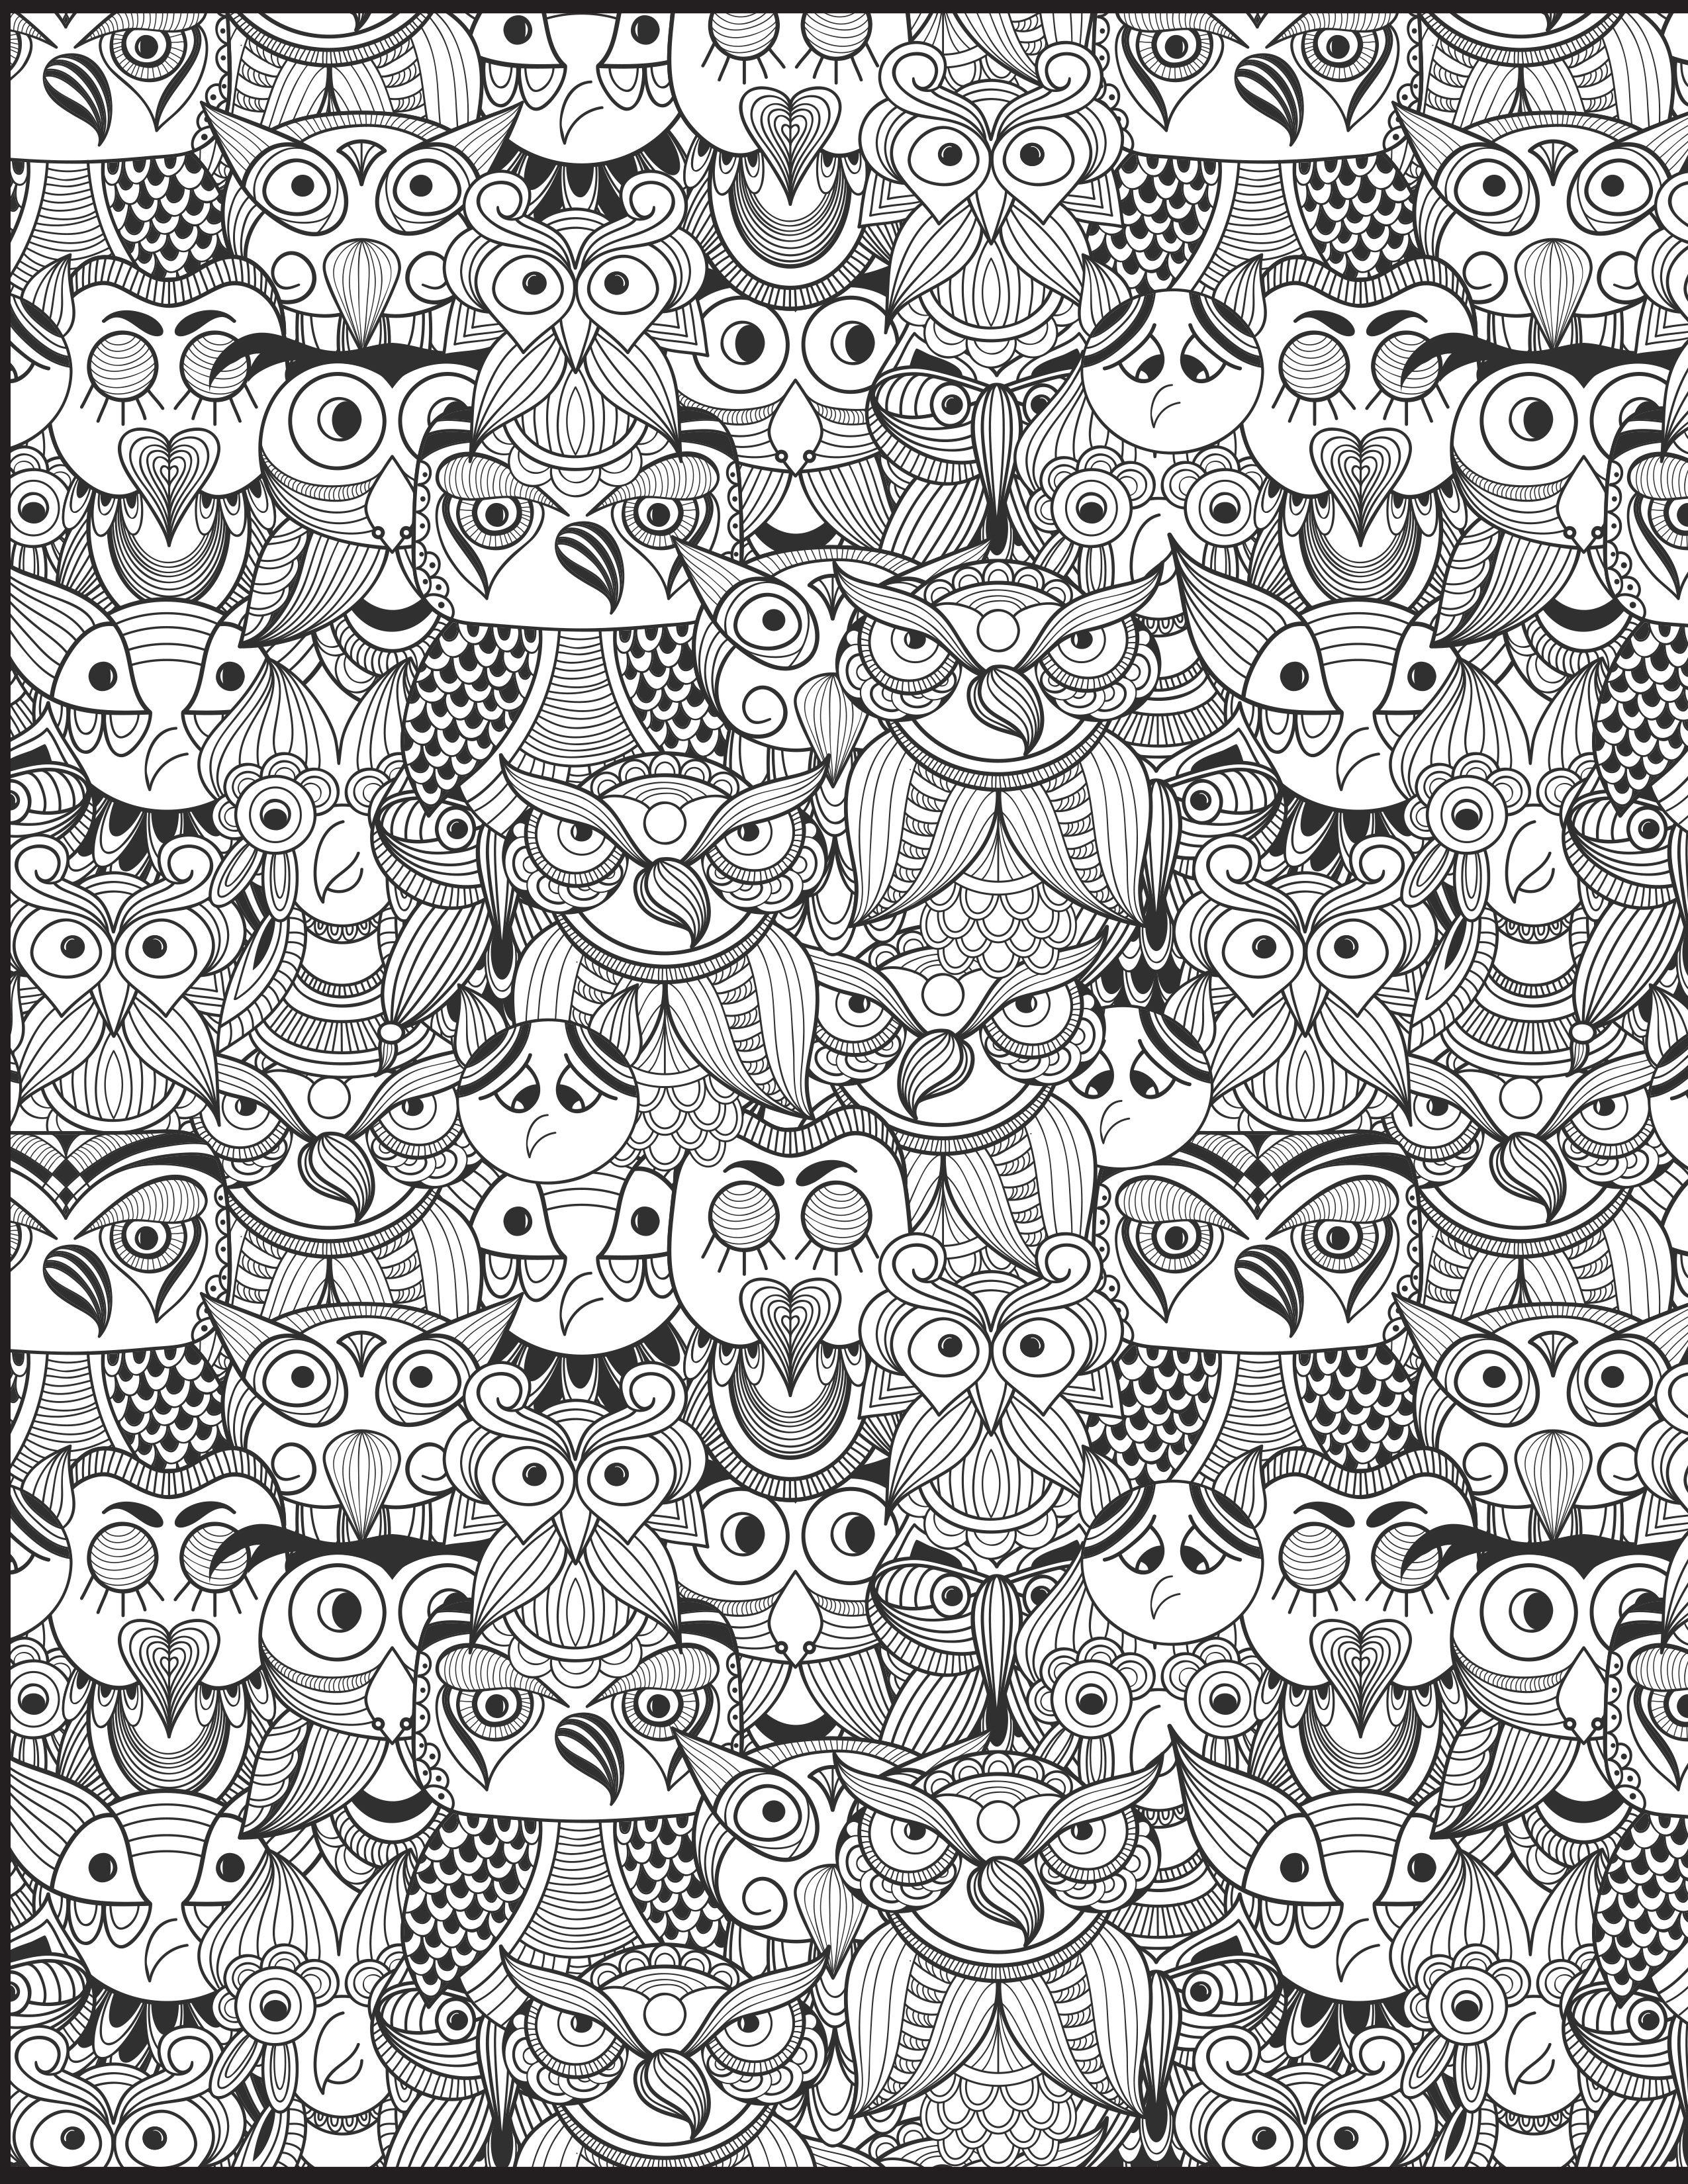 Eulen Malvorlage | little things to print | Pinterest | Eulen ...